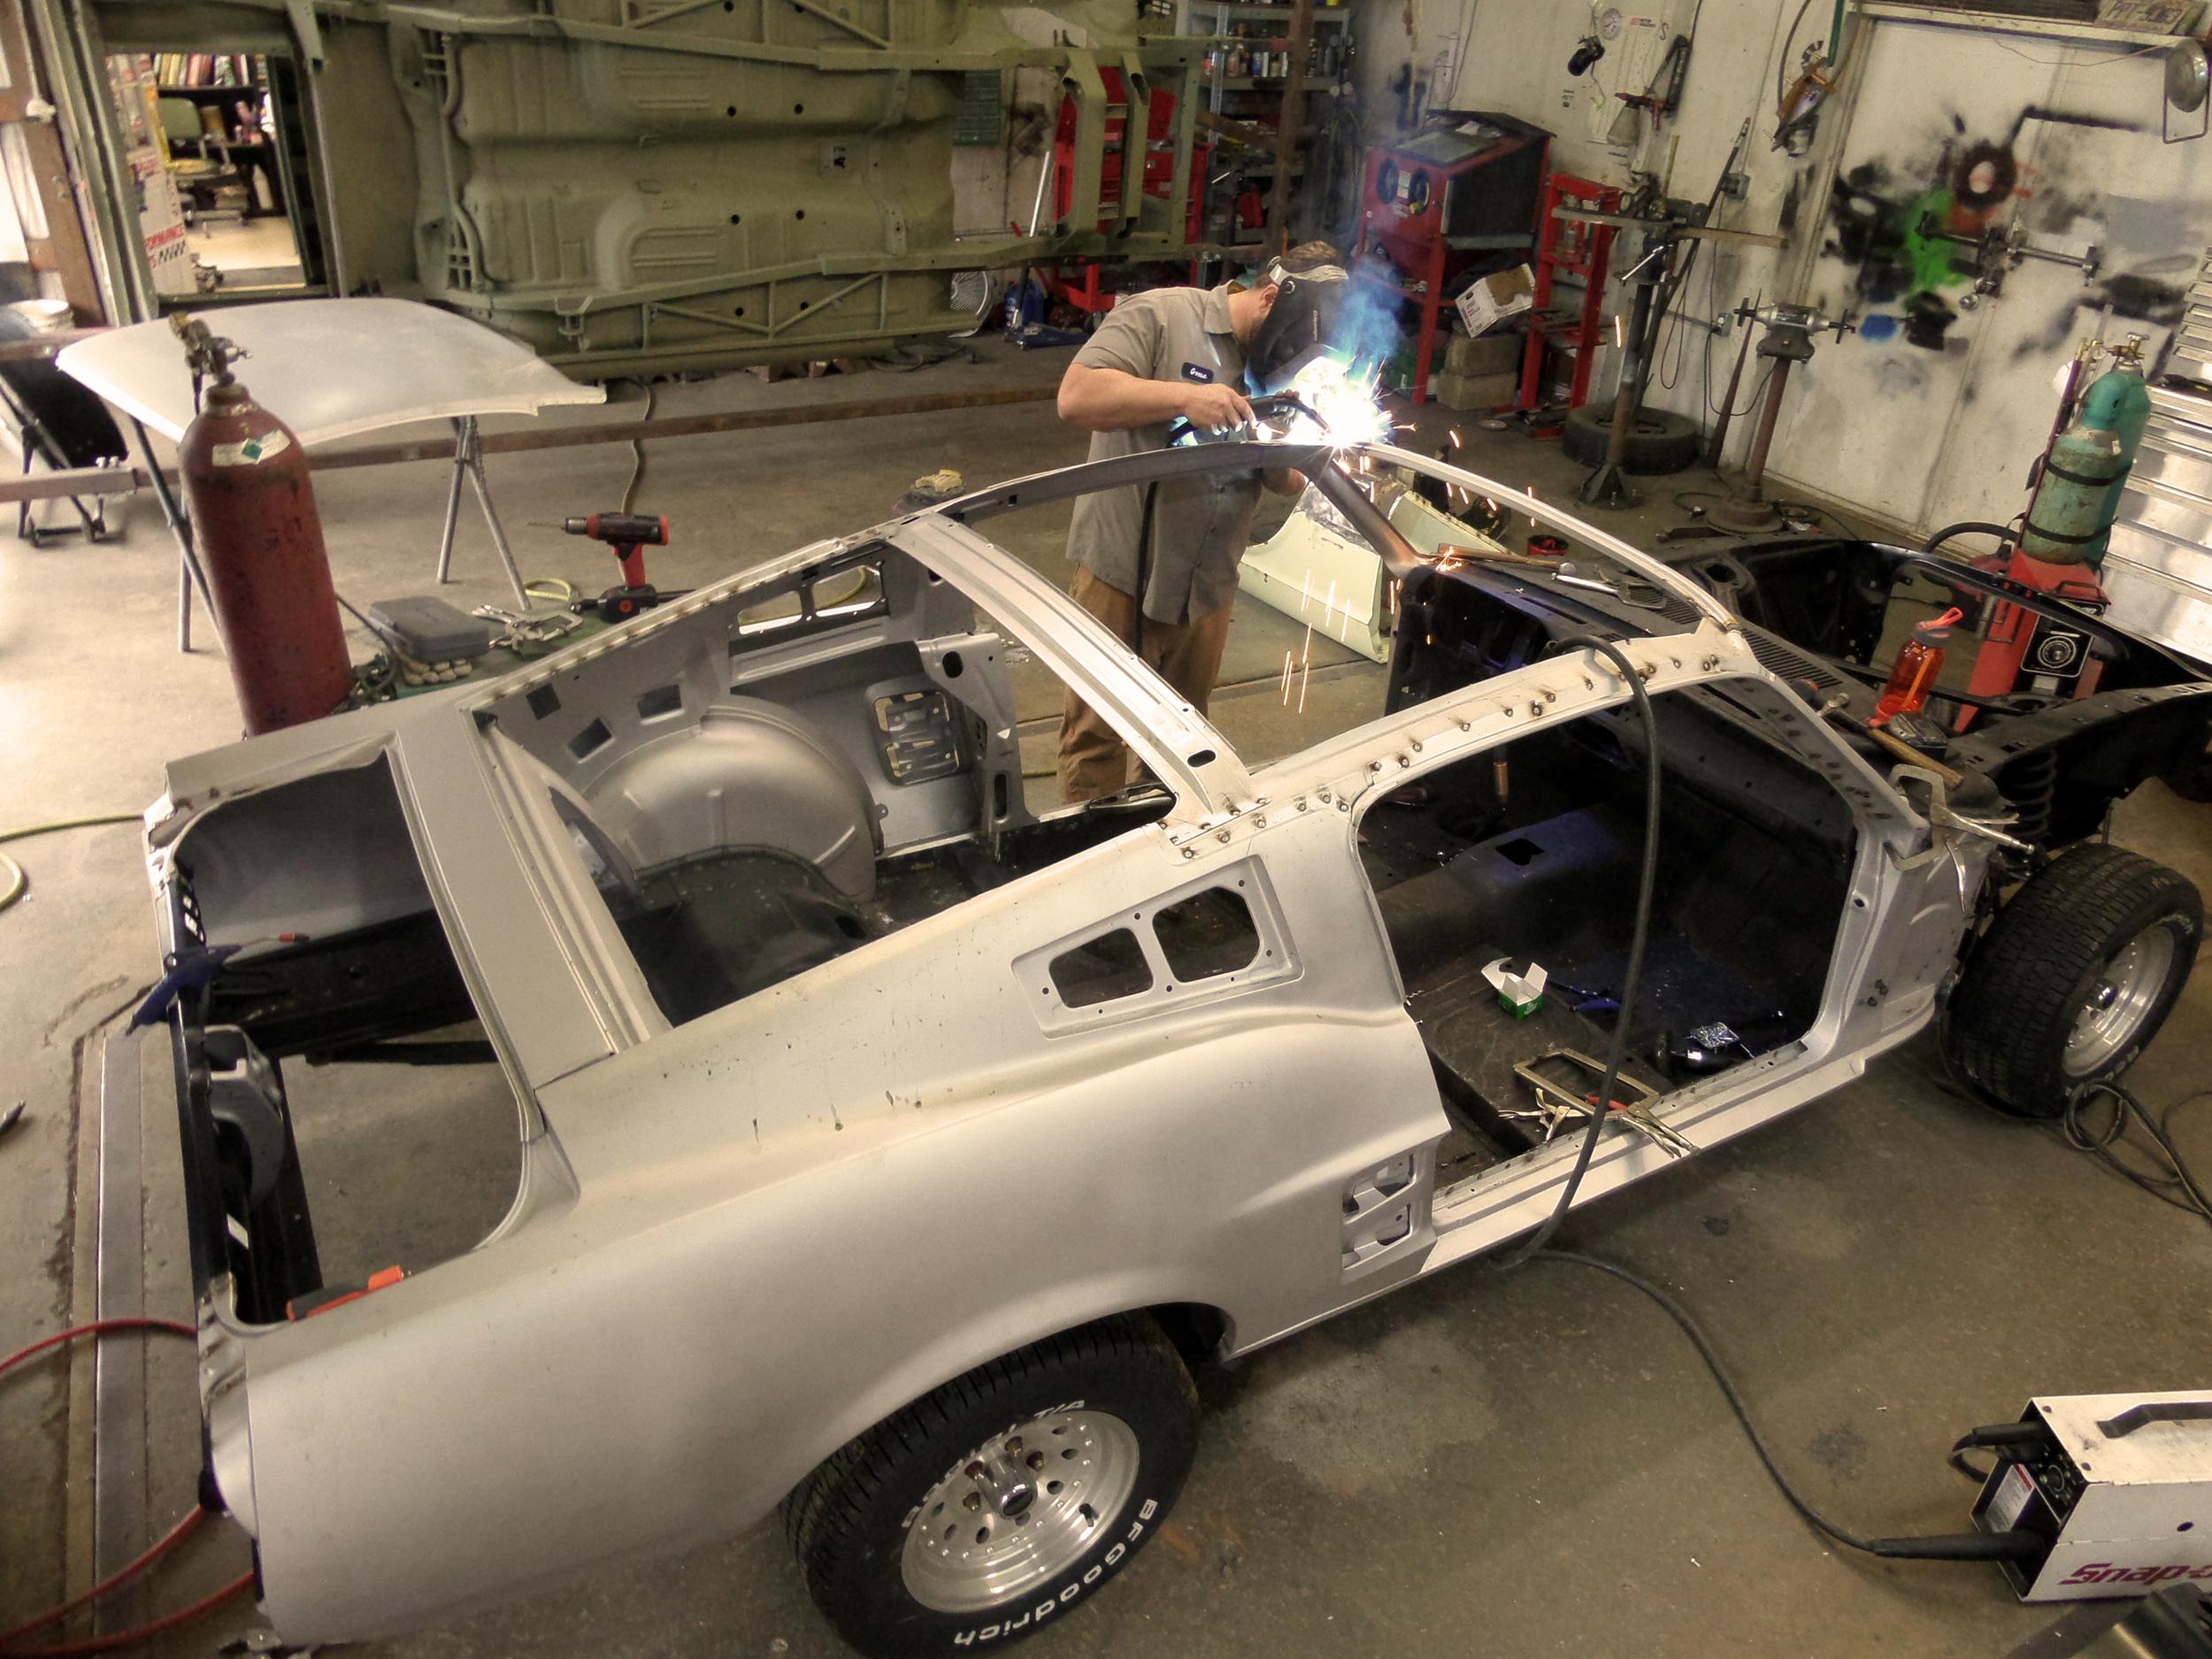 1967 Fastback Conversion